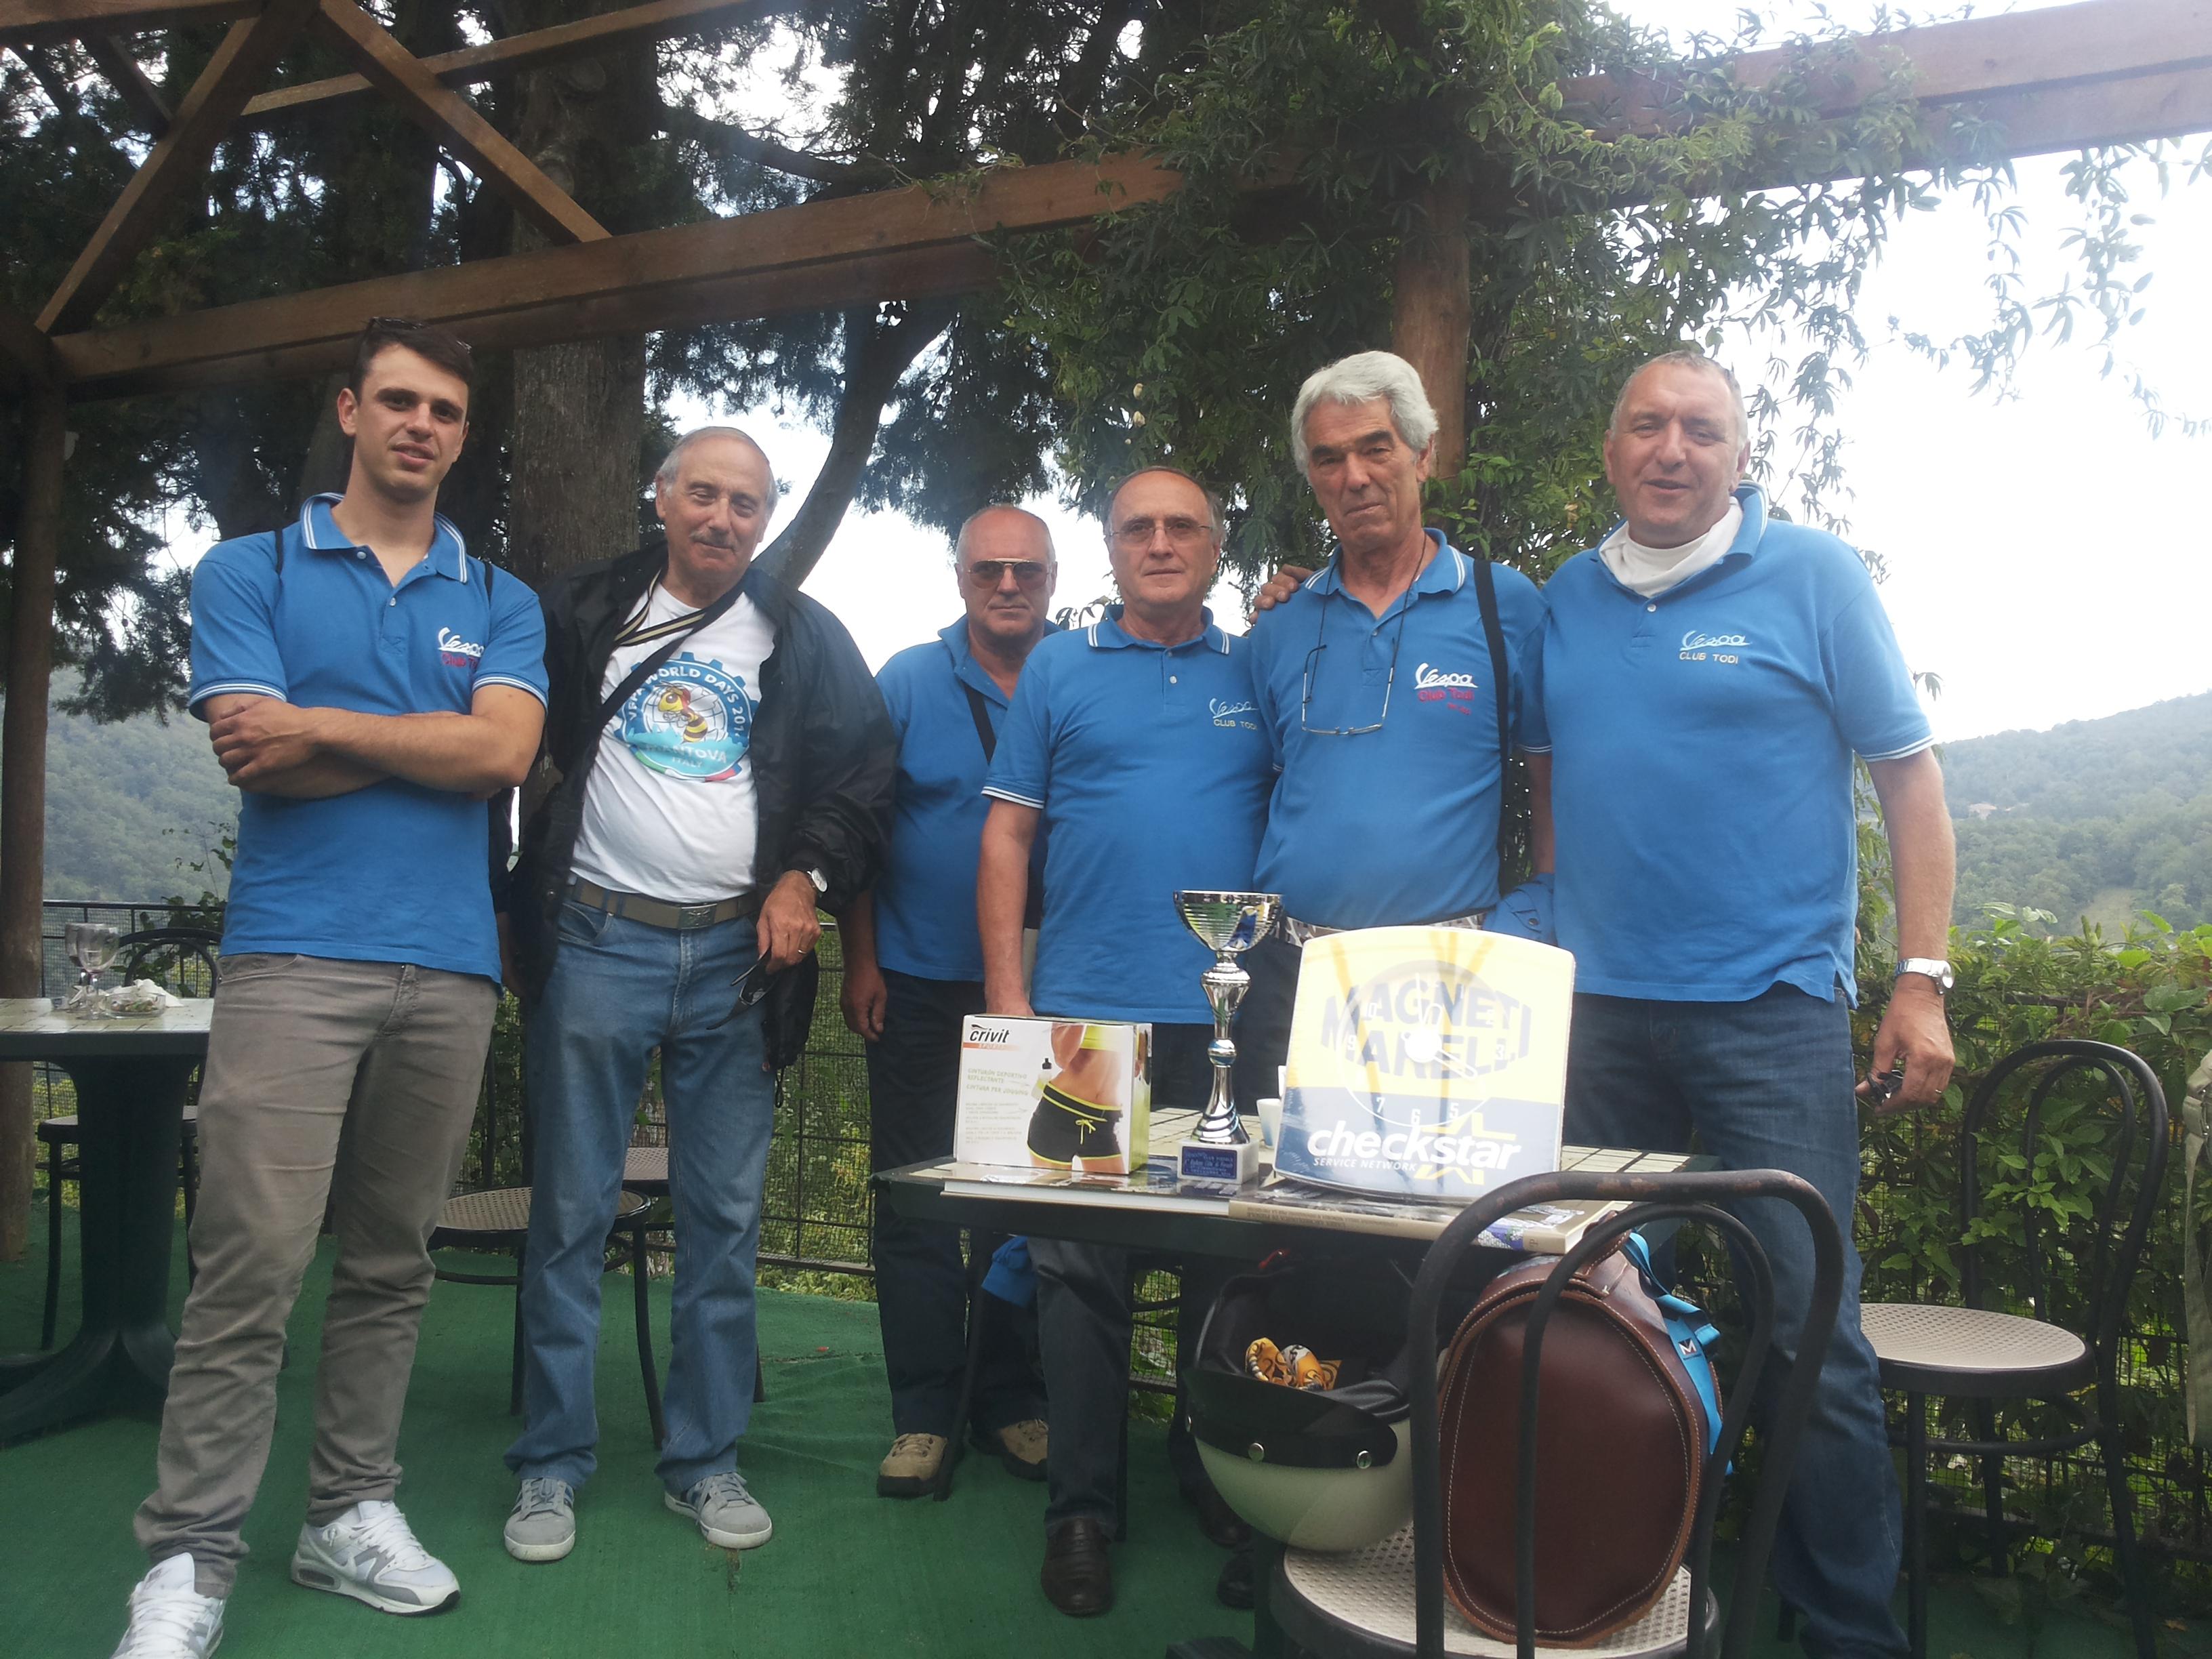 Vespa club todi primo al raduno nazionale di fiesole for Vespa club volta mantovana